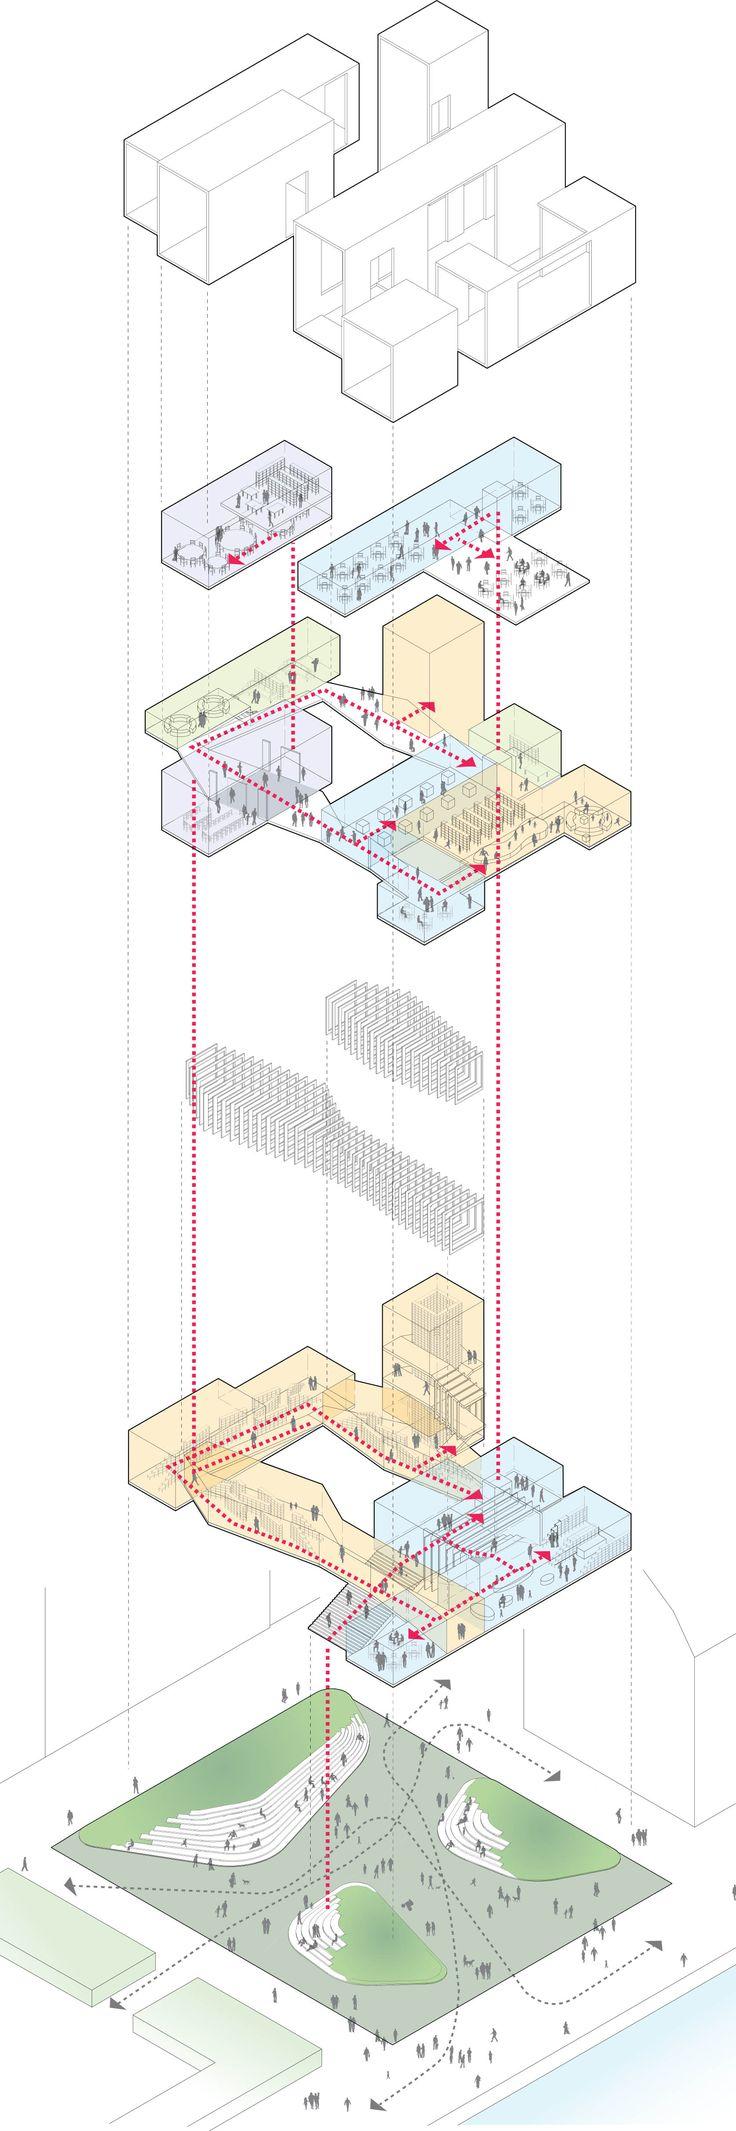 Explicación recorridos espaciales. Copenhagen New Library pdp[east] axonometric diagram.